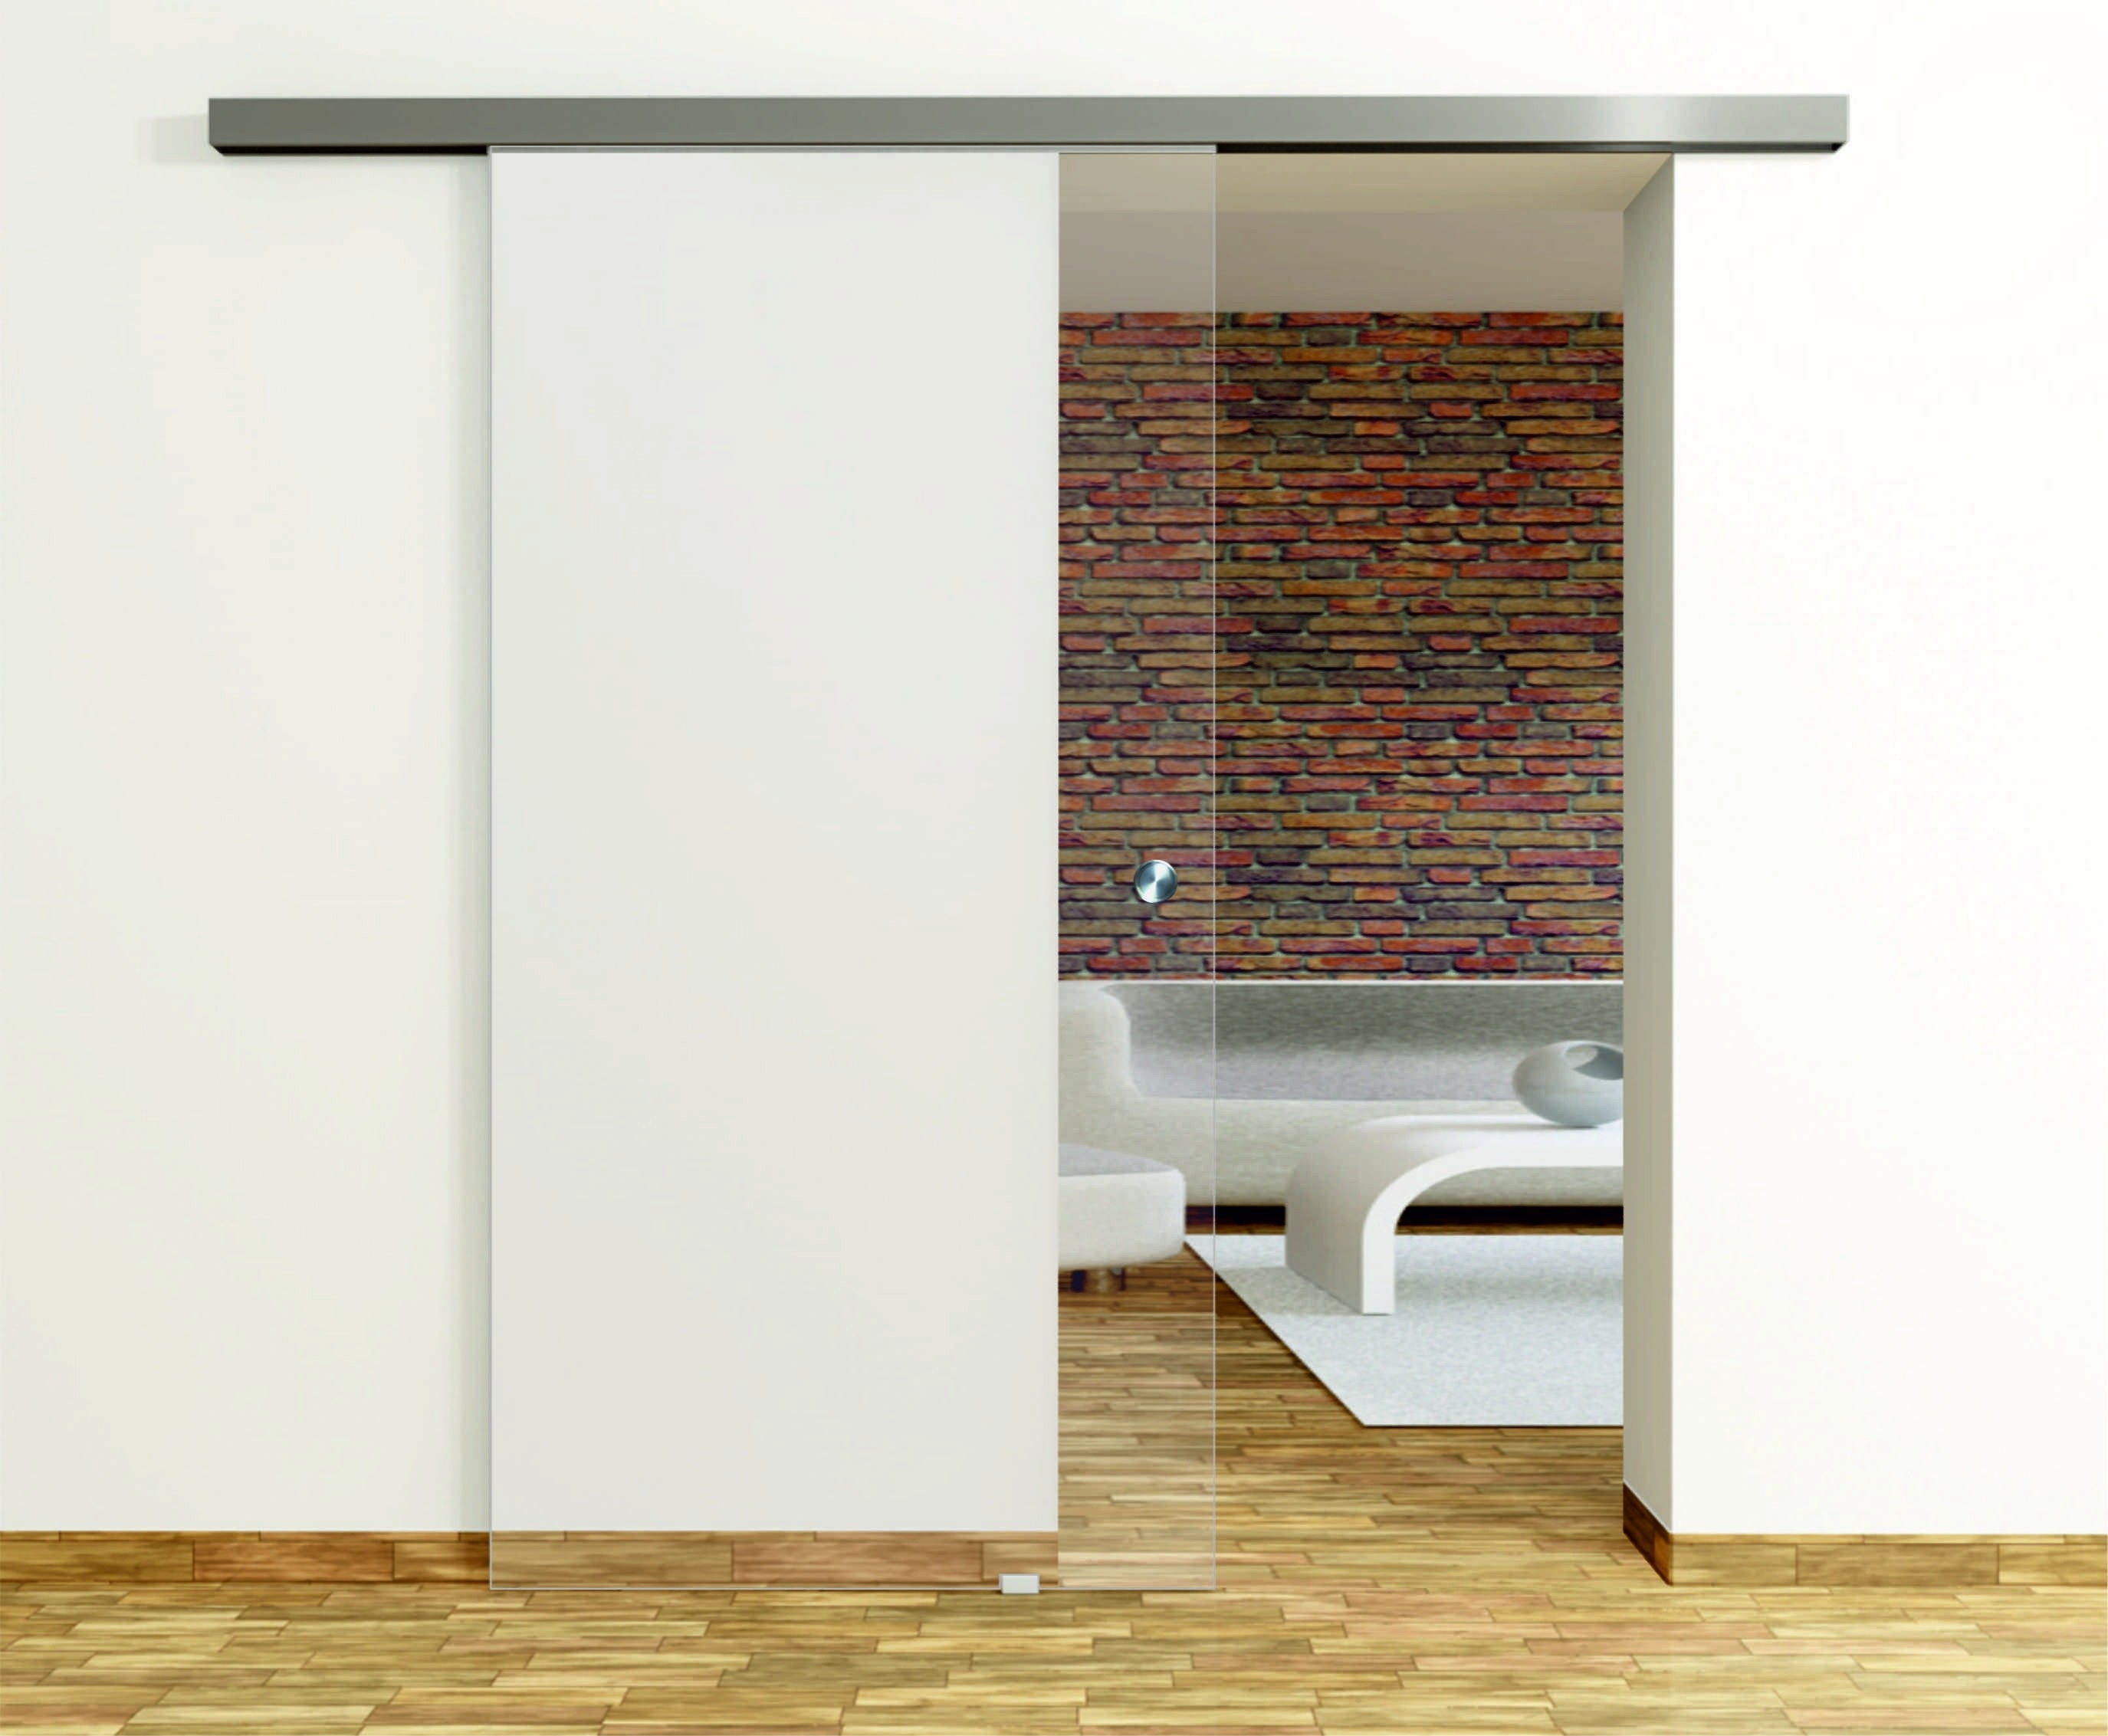 float klar glasschiebet r set inkl schiebet rsystem 45 erkelenz. Black Bedroom Furniture Sets. Home Design Ideas